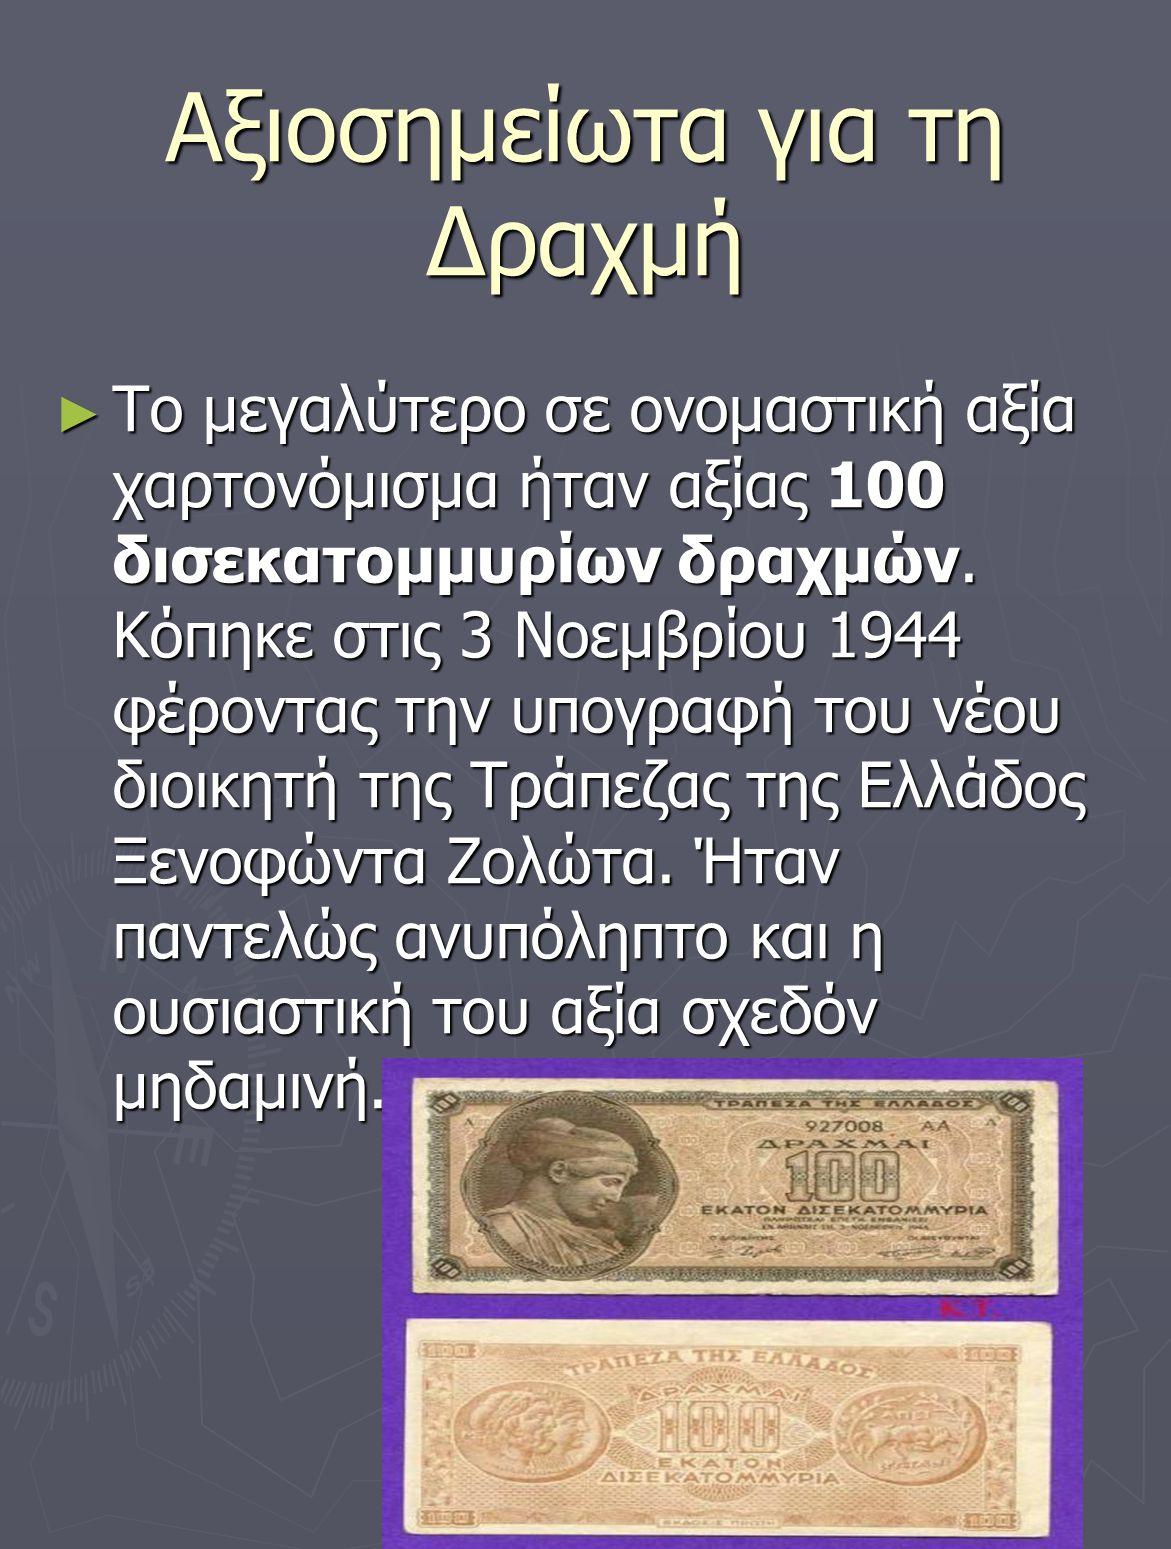 Αξιοσημείωτα για τη Δραχμή ► Το μεγαλύτερο σε ονομαστική αξία χαρτονόμισμα ήταν αξίας 100 δισεκατομμυρίων δραχμών. Κόπηκε στις 3 Νοεμβρίου 1944 φέροντ